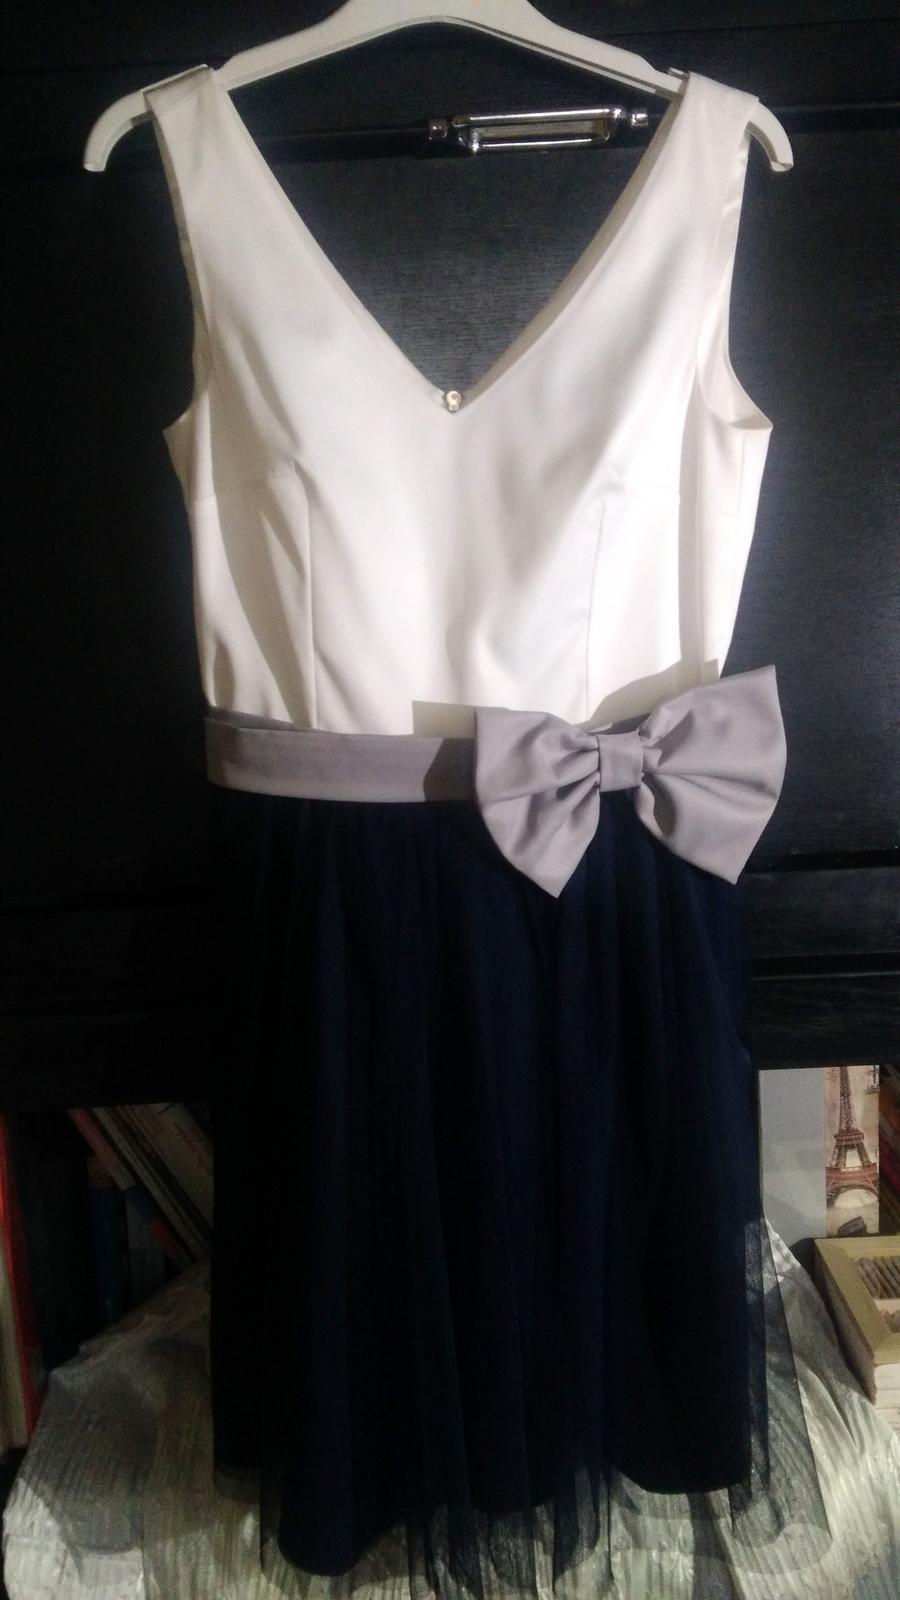 Krátke spoločenské šaty bielo-modrej farby - Obrázok č. 3